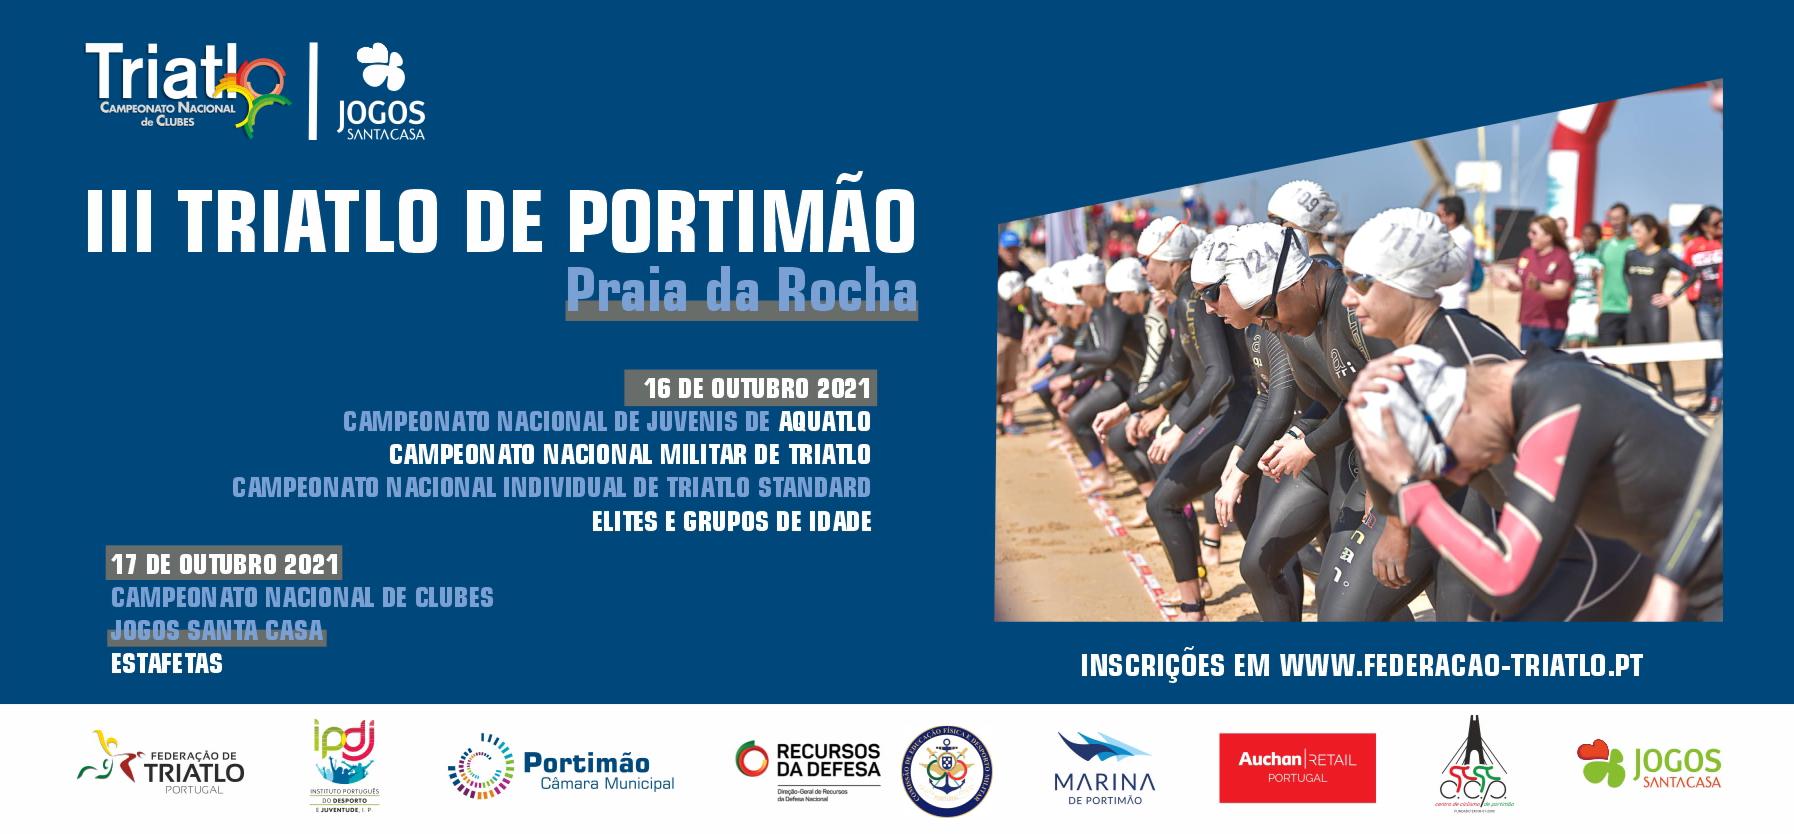 III Triatlo de Portimão realiza-se nos dias 16 e 17 de outubro